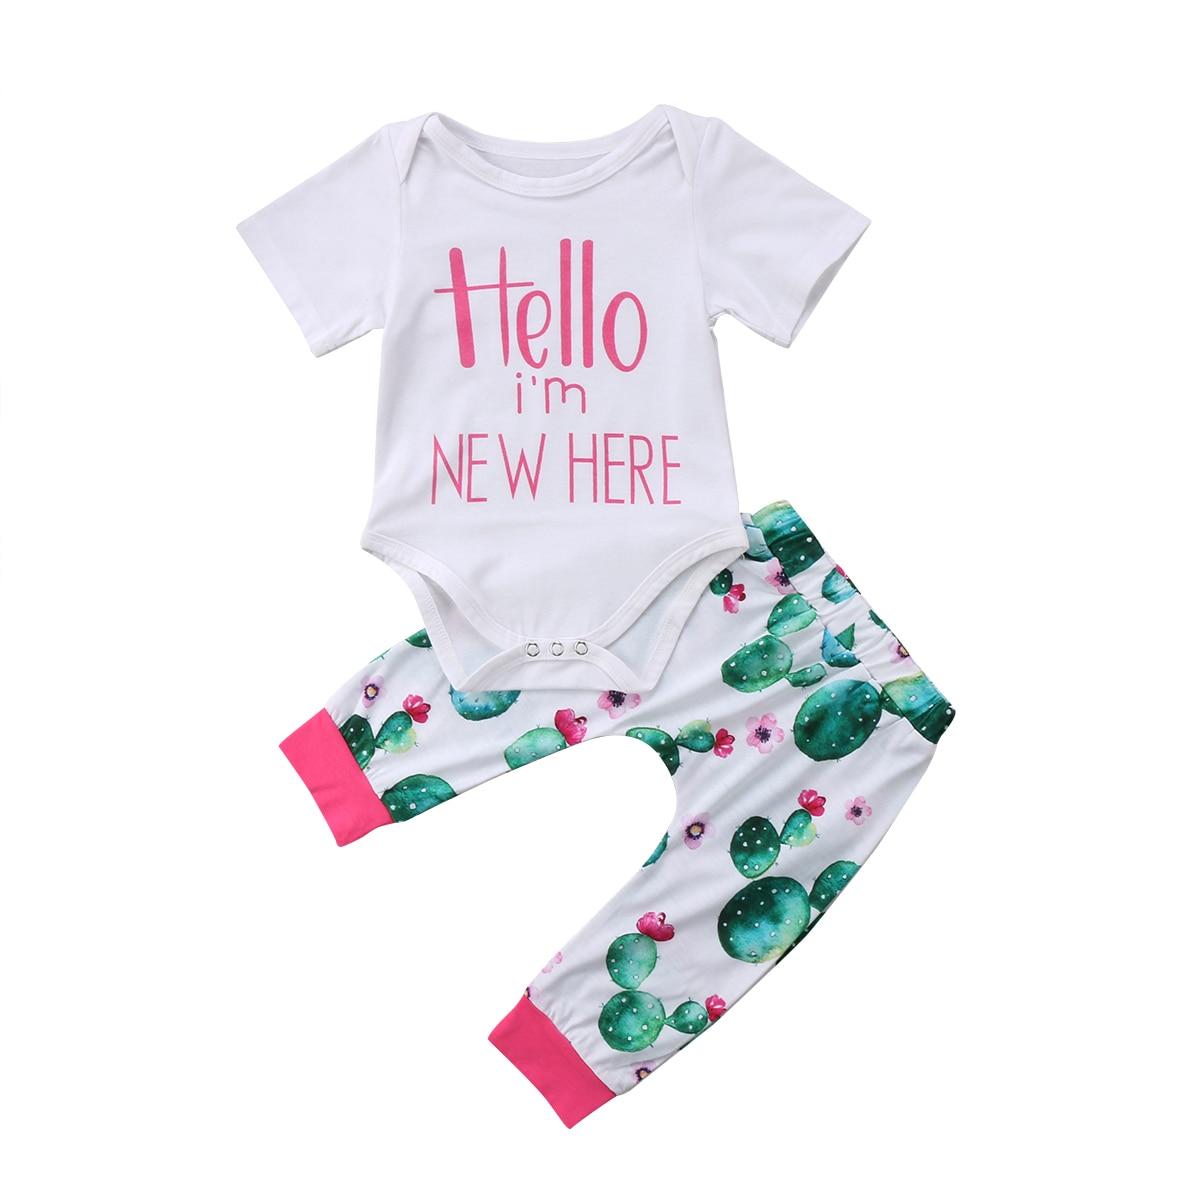 Cactus imprimir letra algodón del bebé recién nacido Tops mameluco Pantalones 2 unids trajes ropa